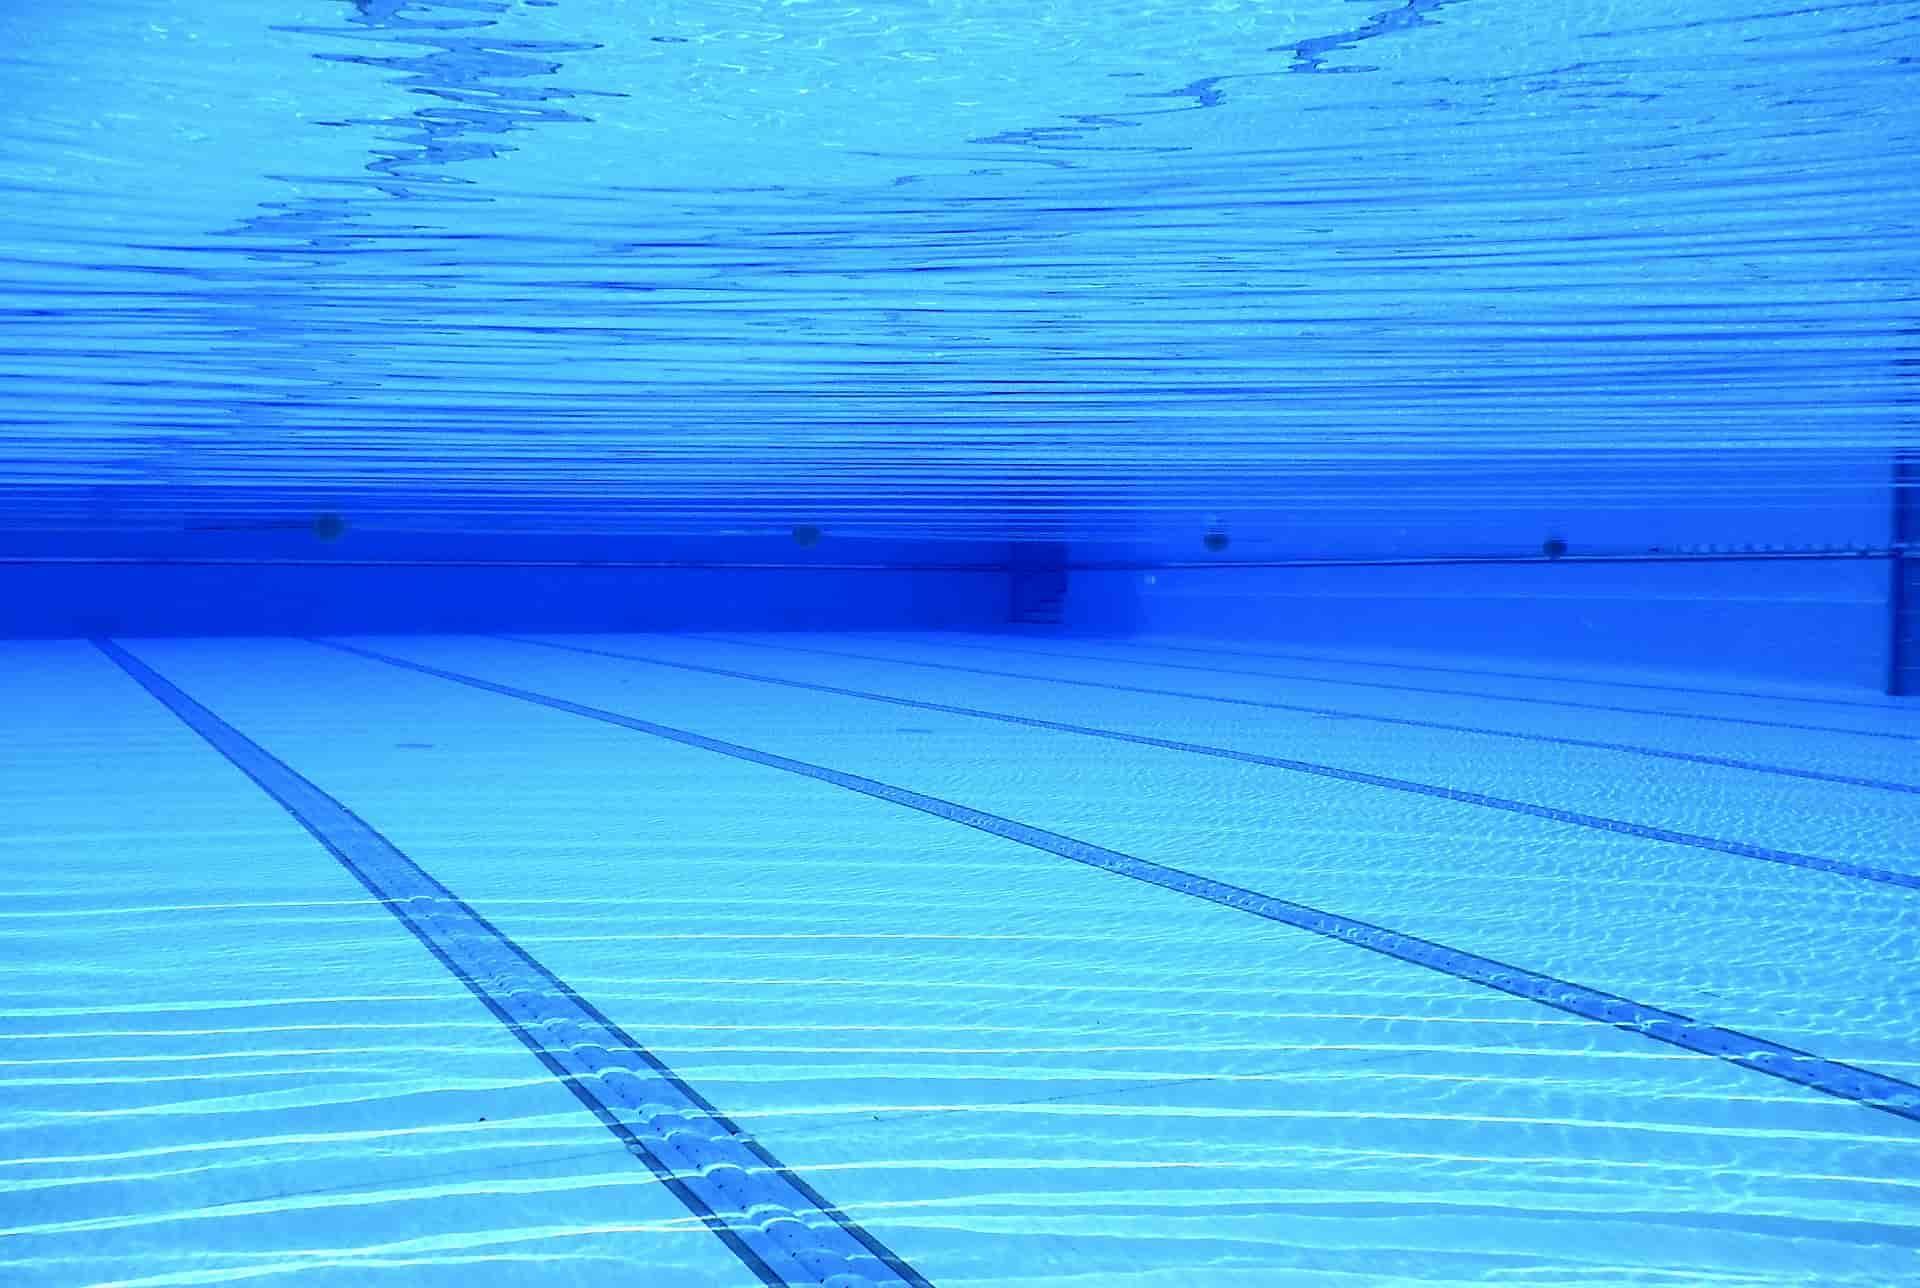 limpieza de piscinas en comunidades